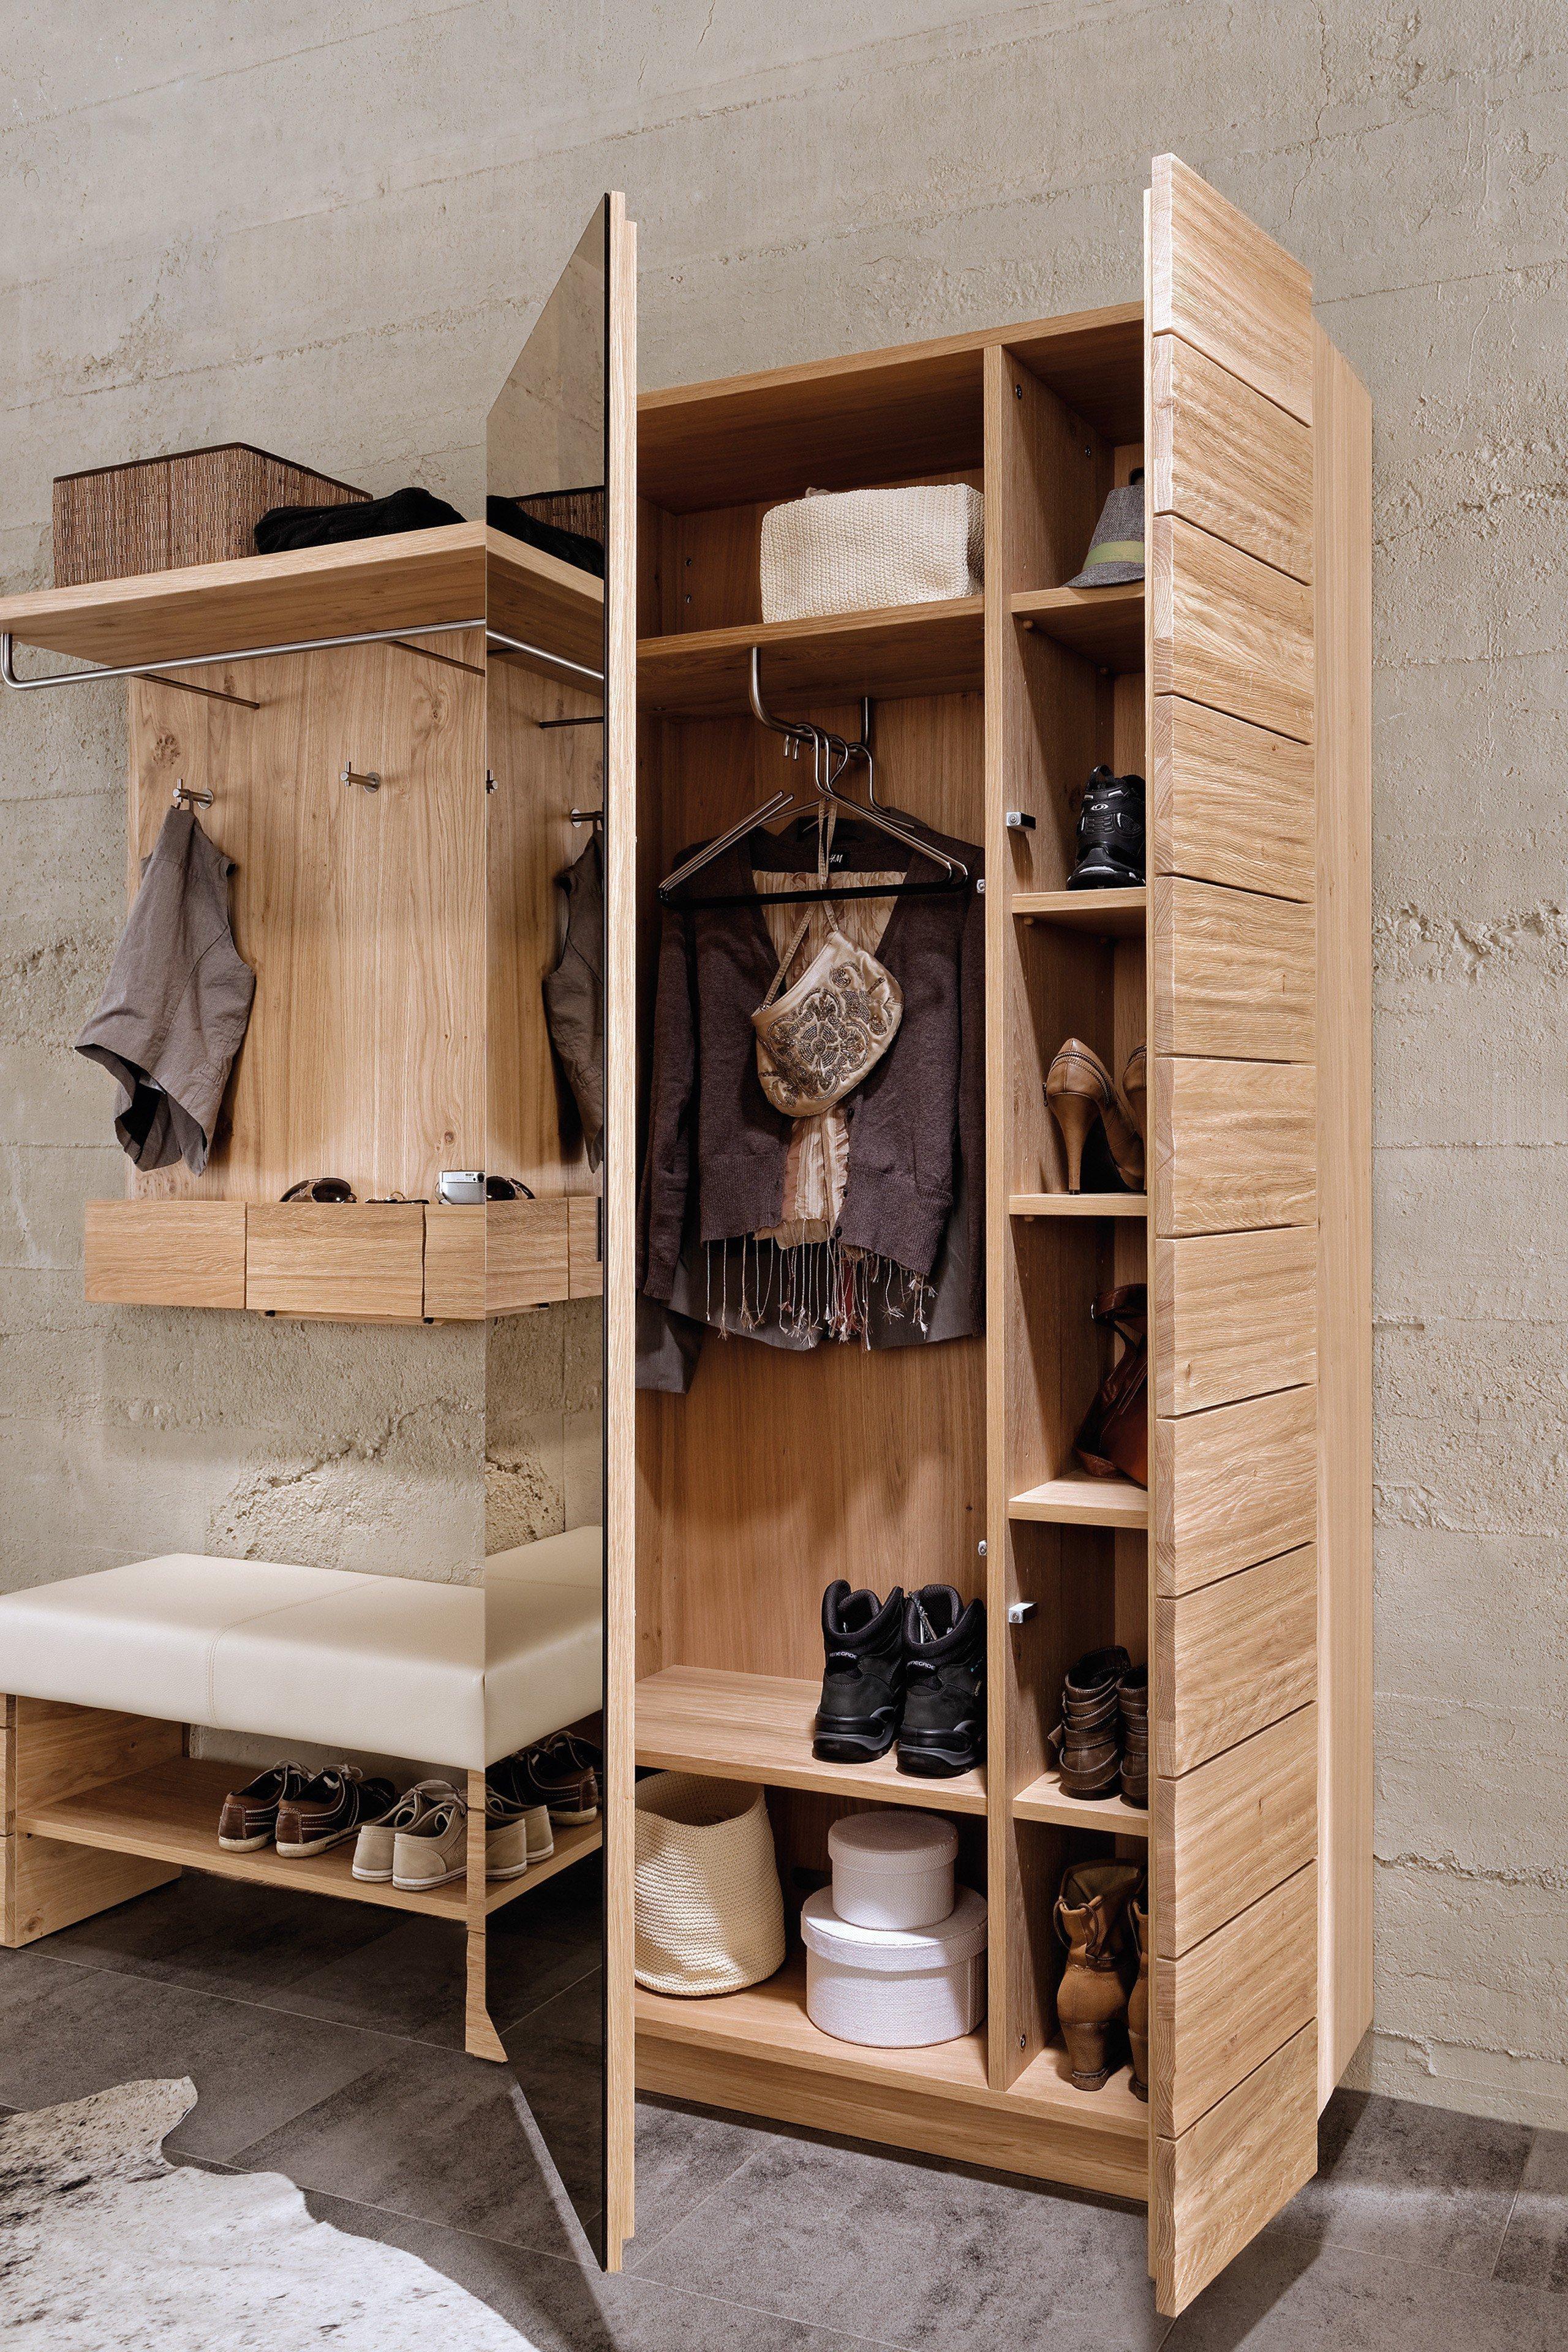 garderobe in wildeiche und sitzbank mit lederbezug v montana von voglauer m bel letz ihr. Black Bedroom Furniture Sets. Home Design Ideas